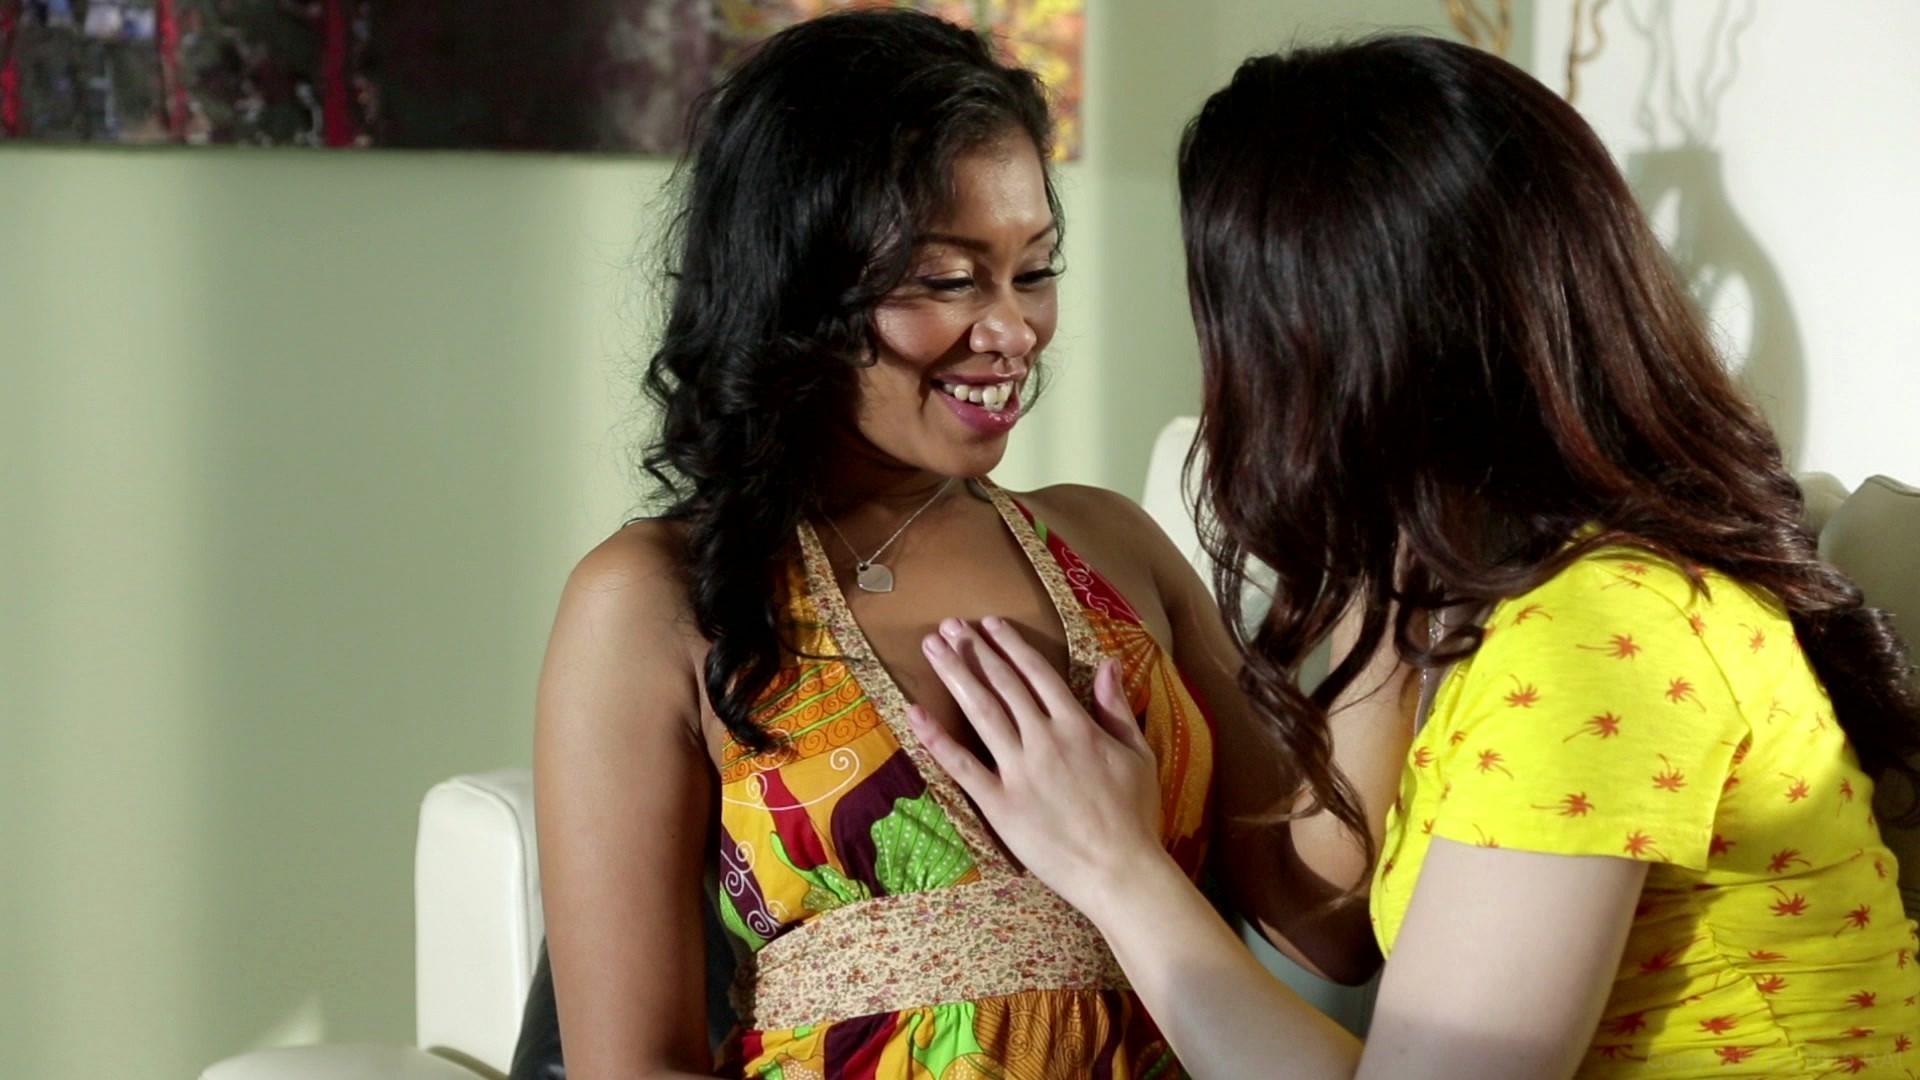 Lesbian Beauties Interracial 69